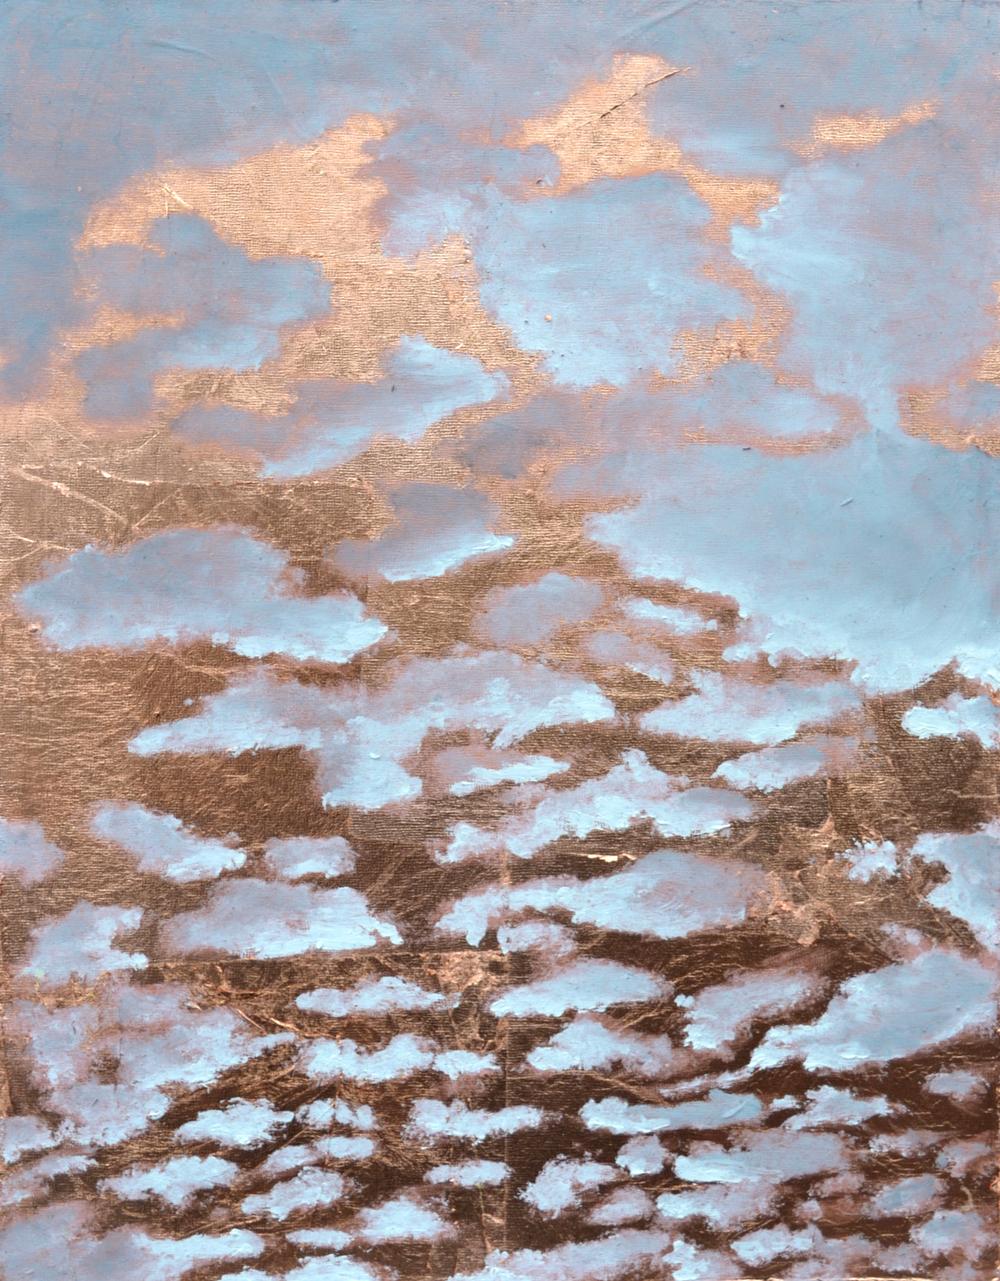 Cloud Study 2/3/13